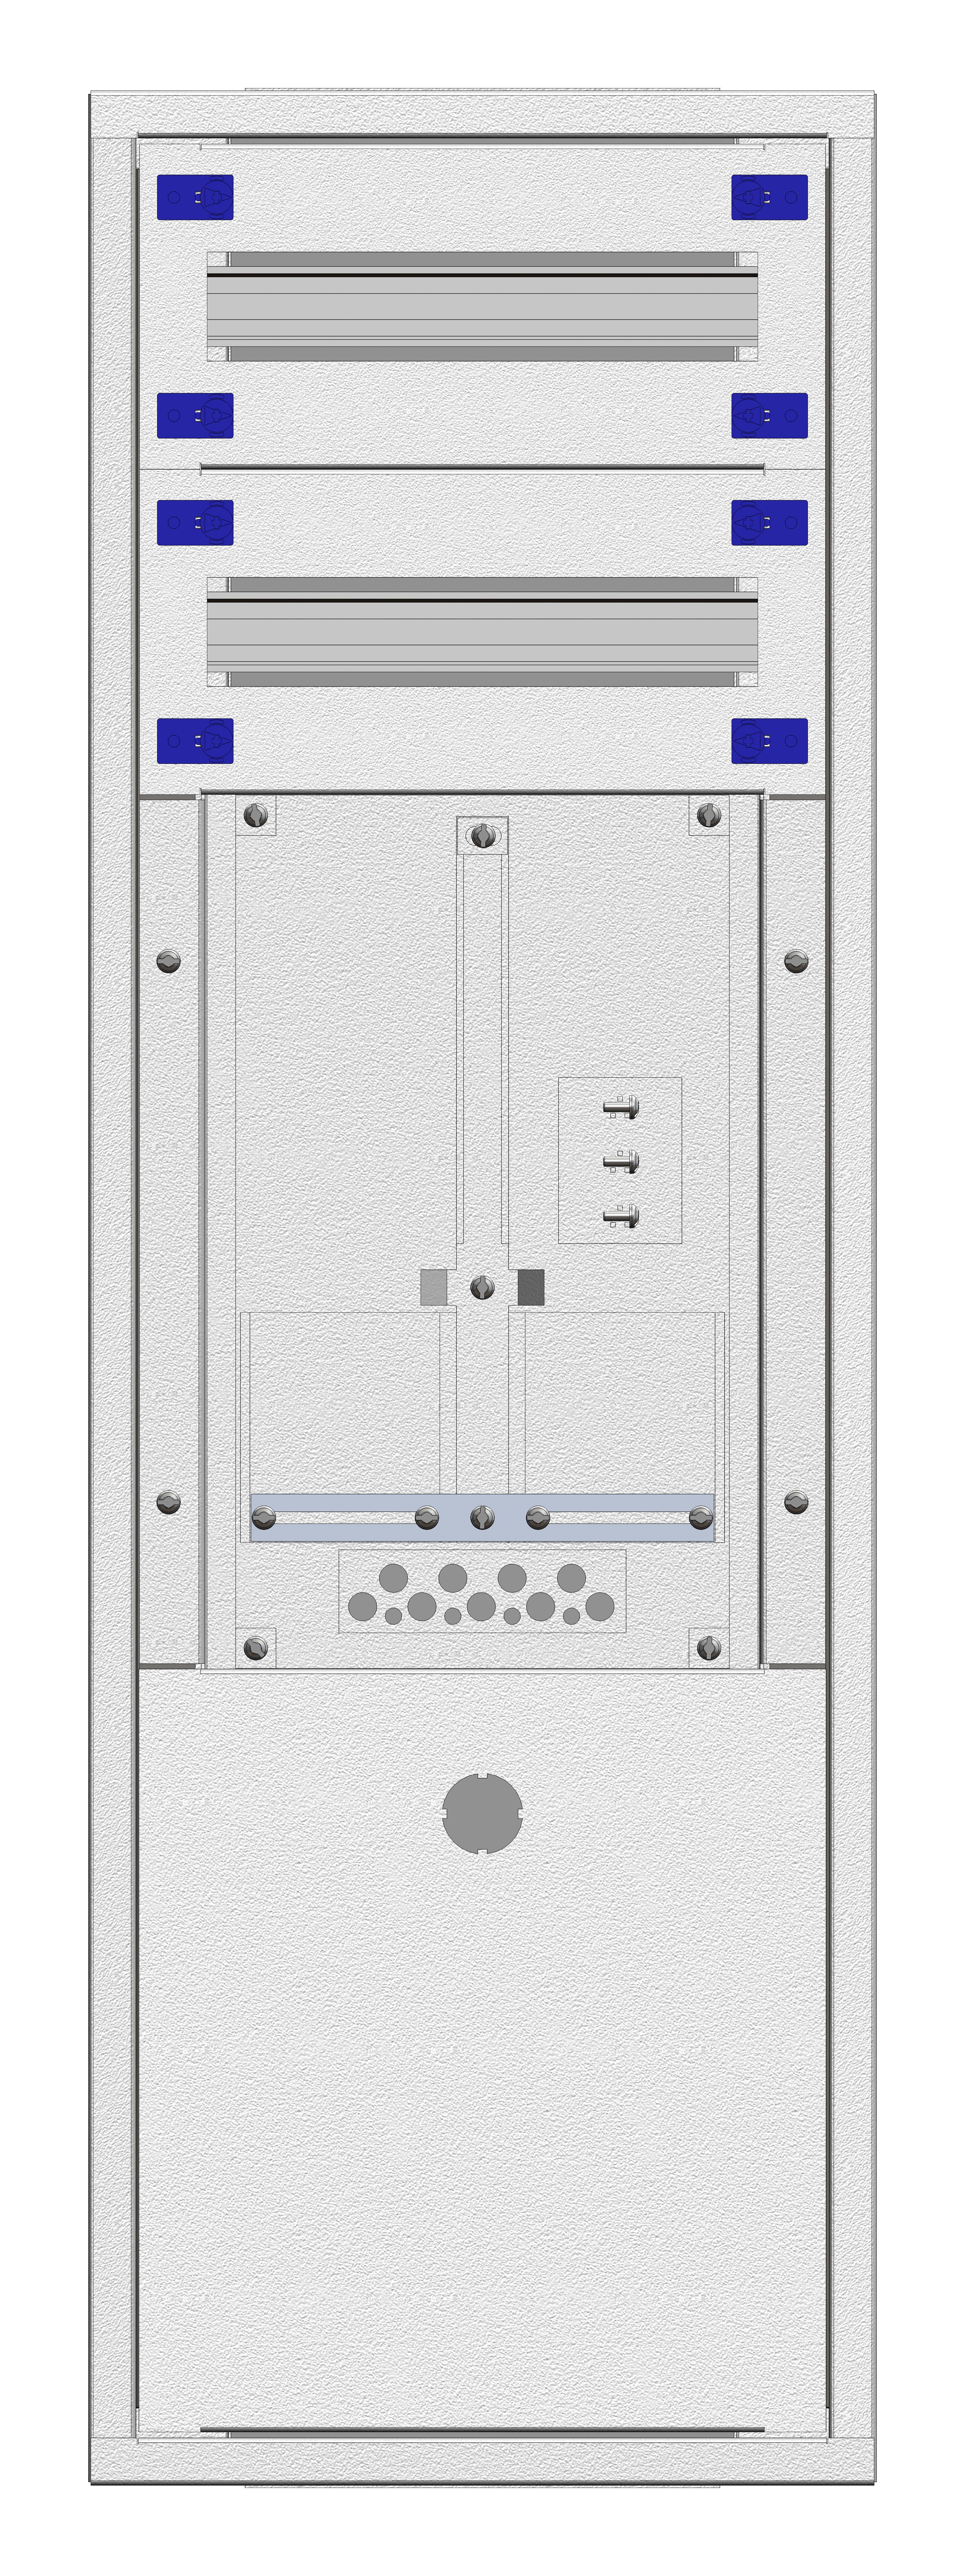 1 Stk Aufputz-Zählerverteiler 1A-21E/BGLD 1ZP, H1055B380T250mm IL160121BS